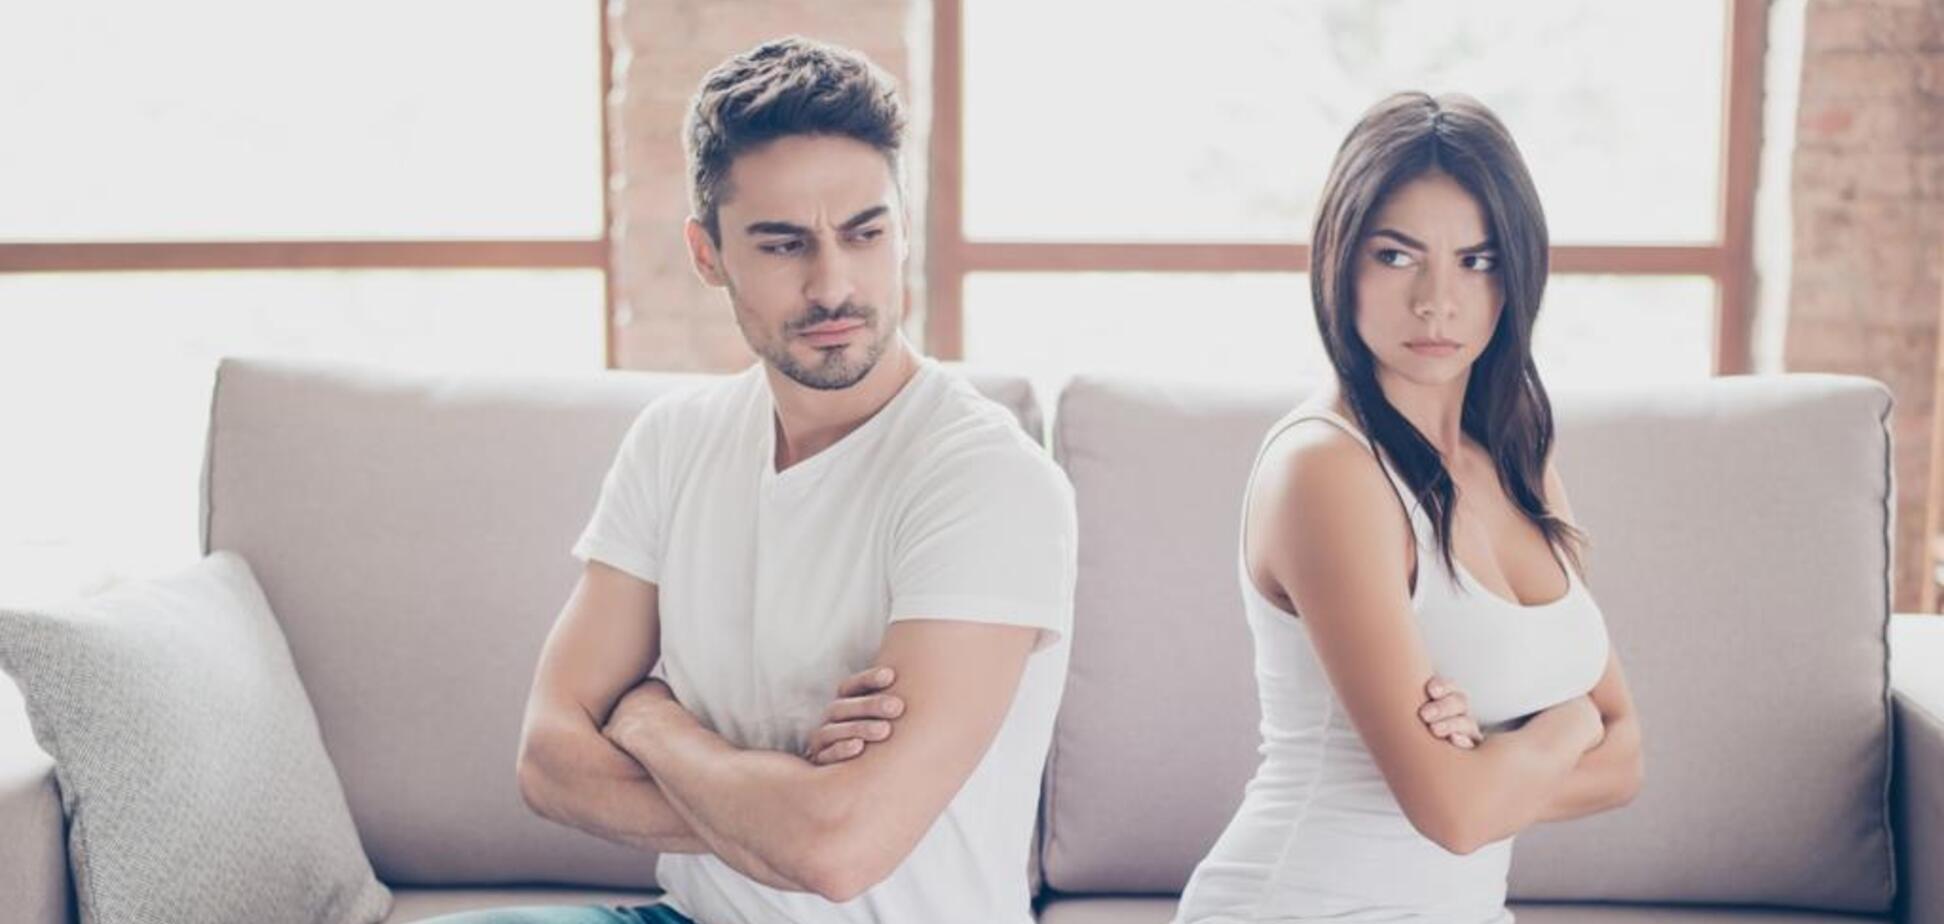 Какпонять, чтомужчина несобирается навасжениться: 5 признаков